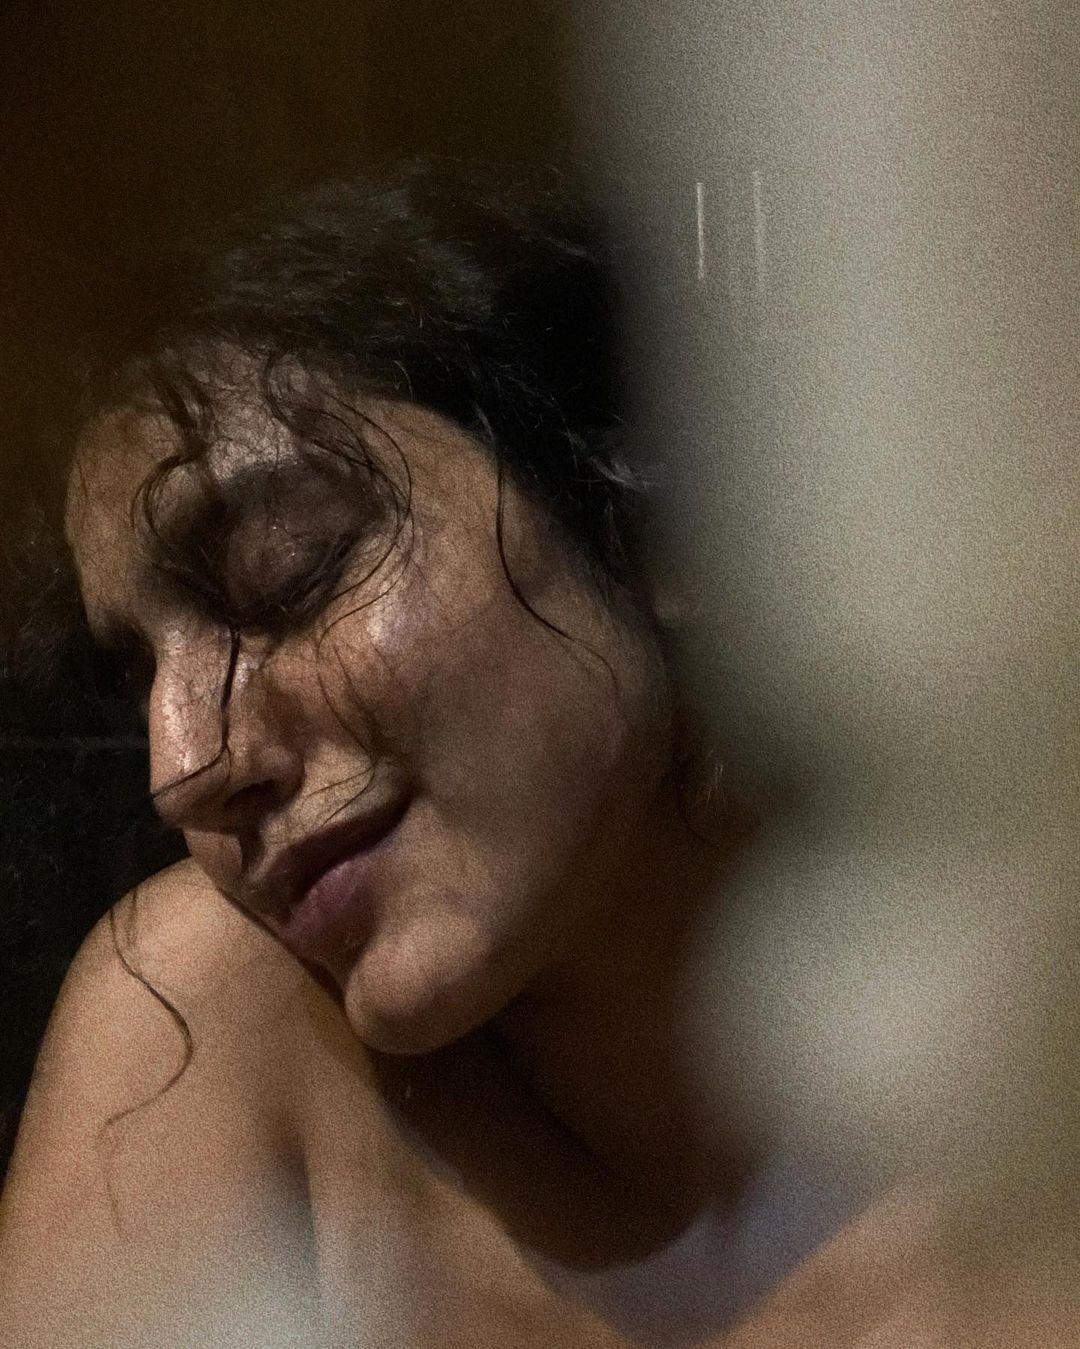 Priya Prakash Varrier Latest Pics, Priya Prakash Varrier bathroom selfies, Priya Prakash Varrier hot selfies